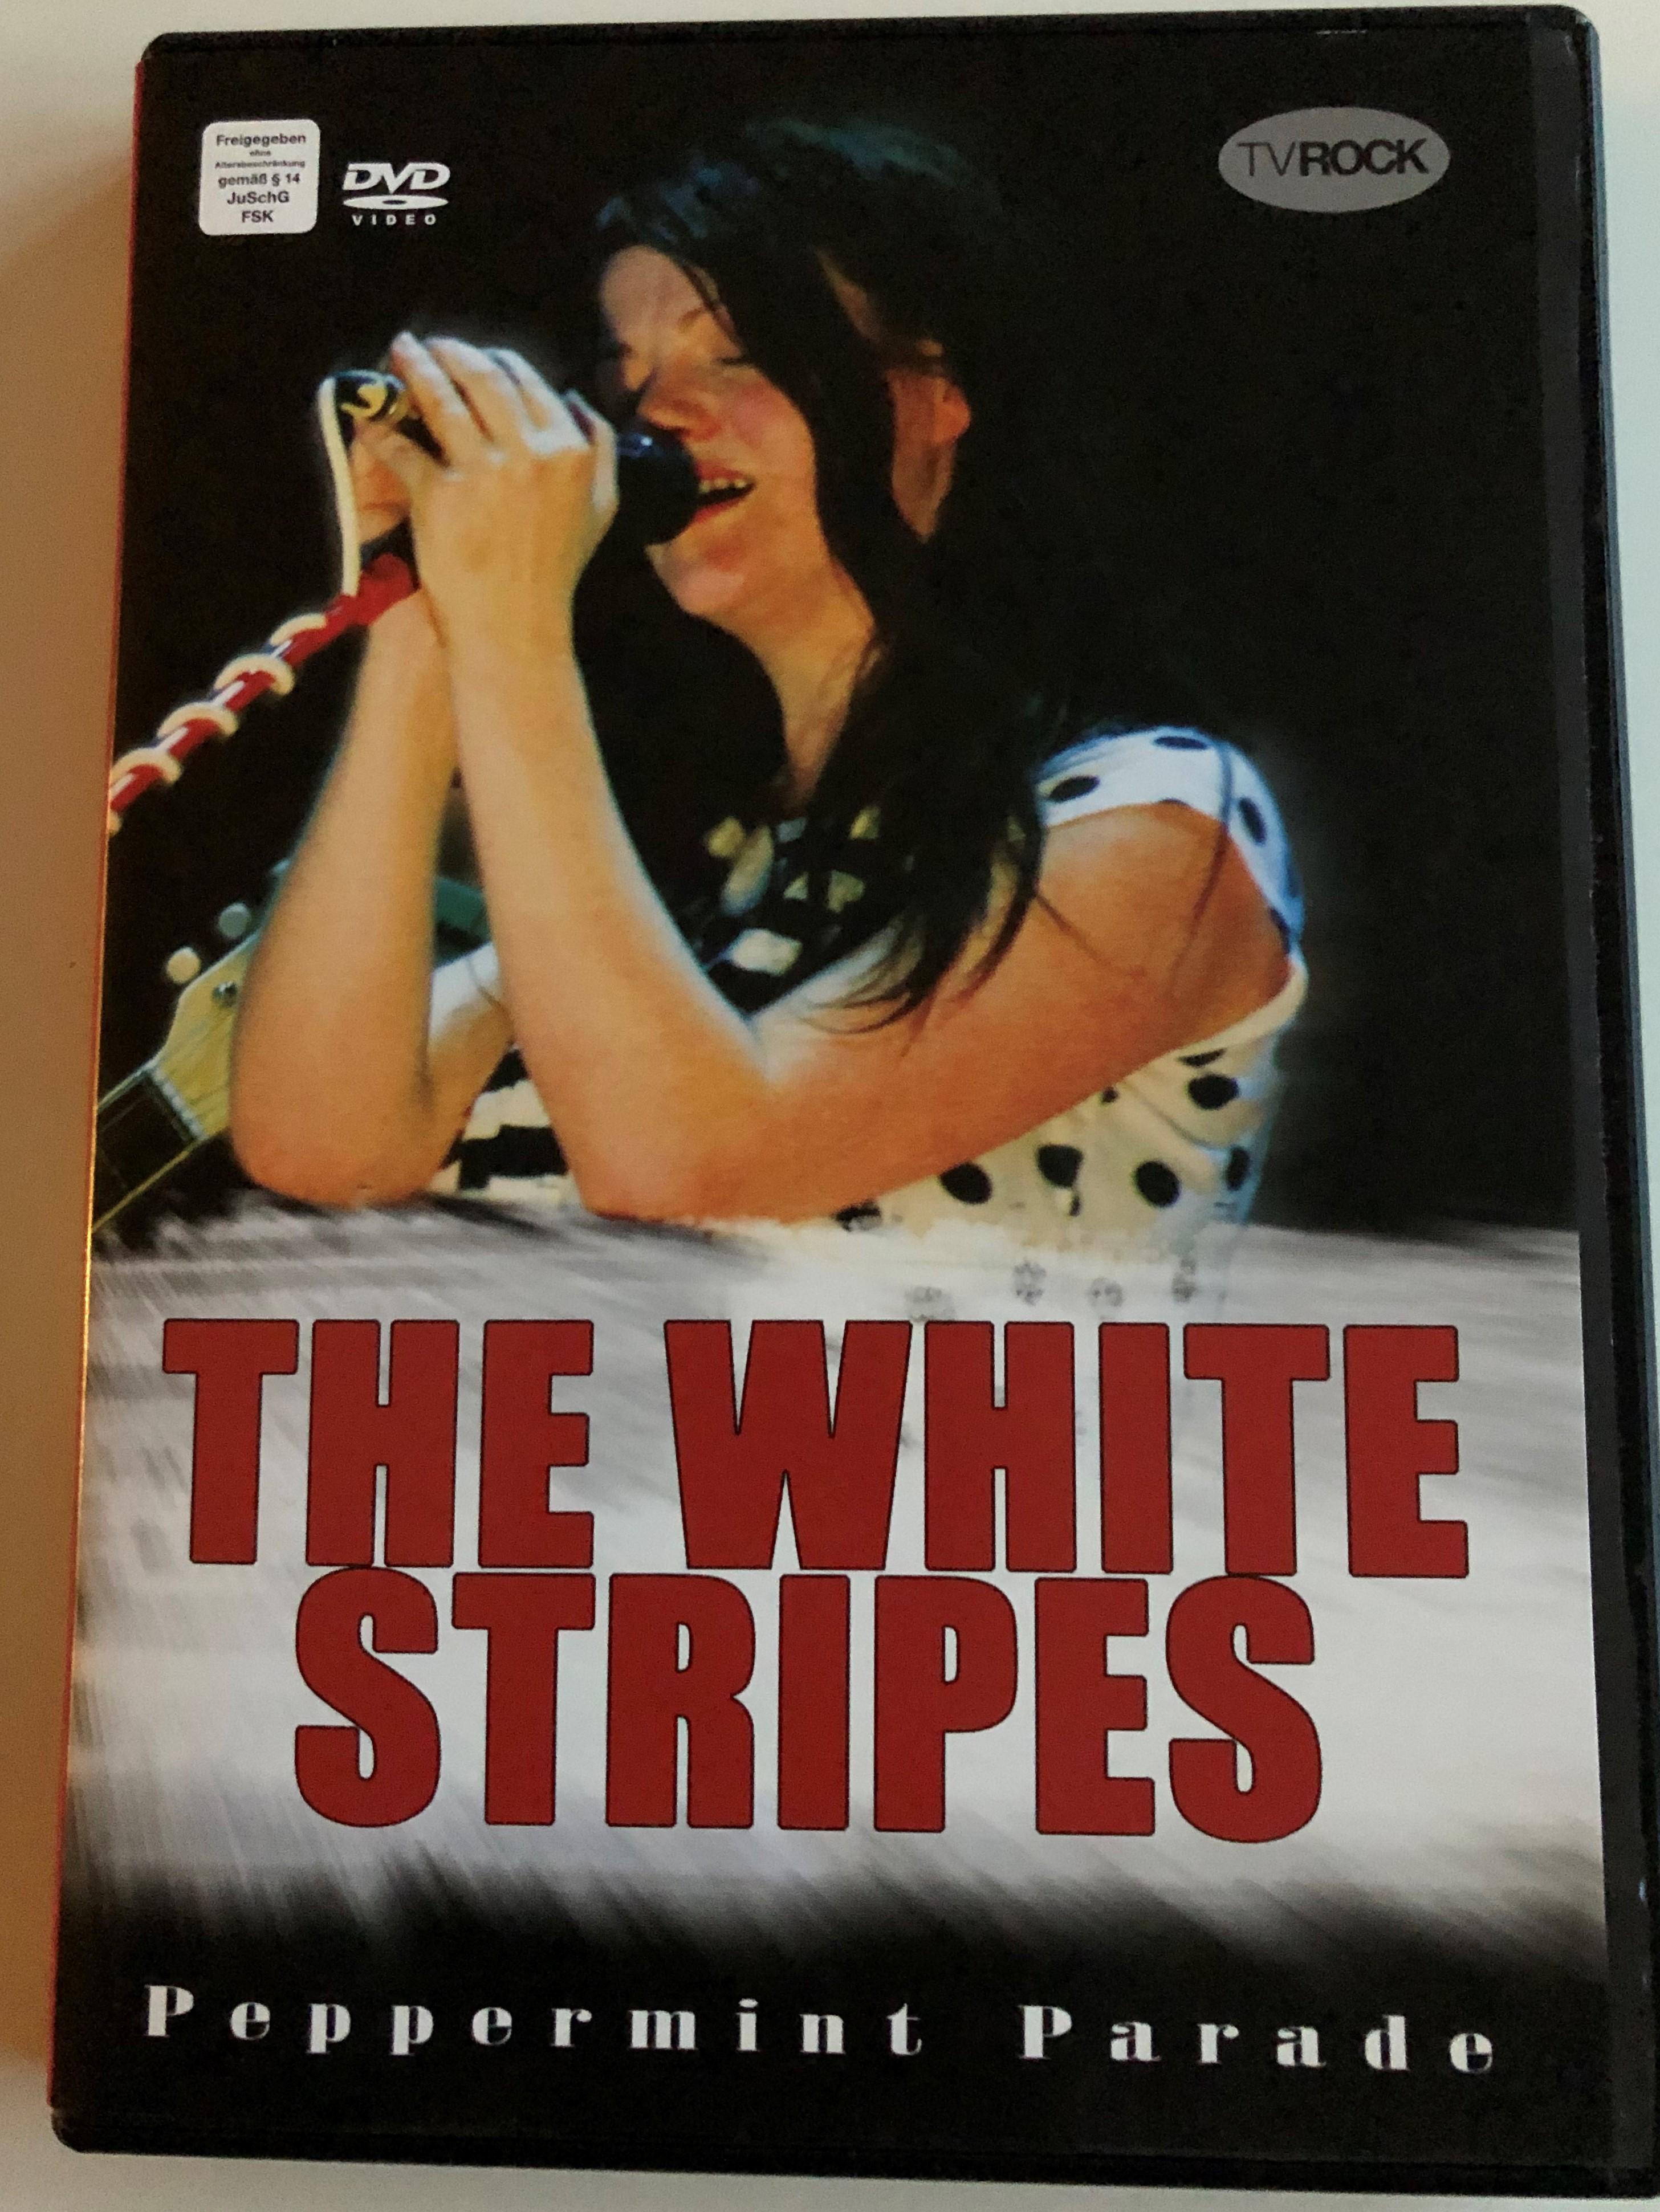 the-white-stripes-peppermint-parade-dvd-2008-filmed-live-in-the-uk-june-25.-2005-1.jpg